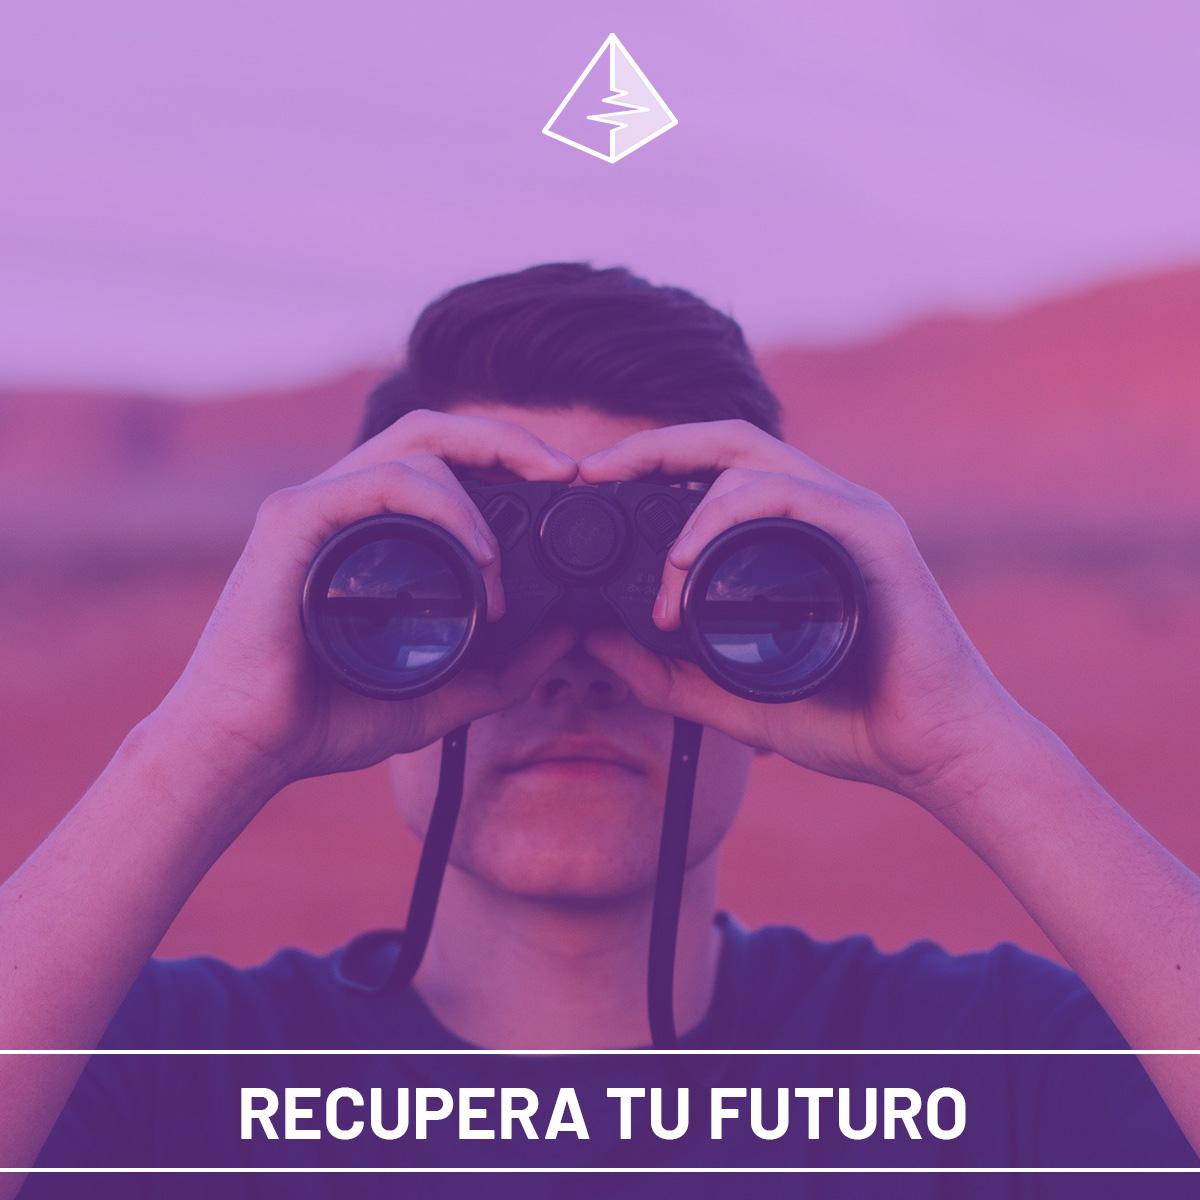 RECUPERA TU FUTURO